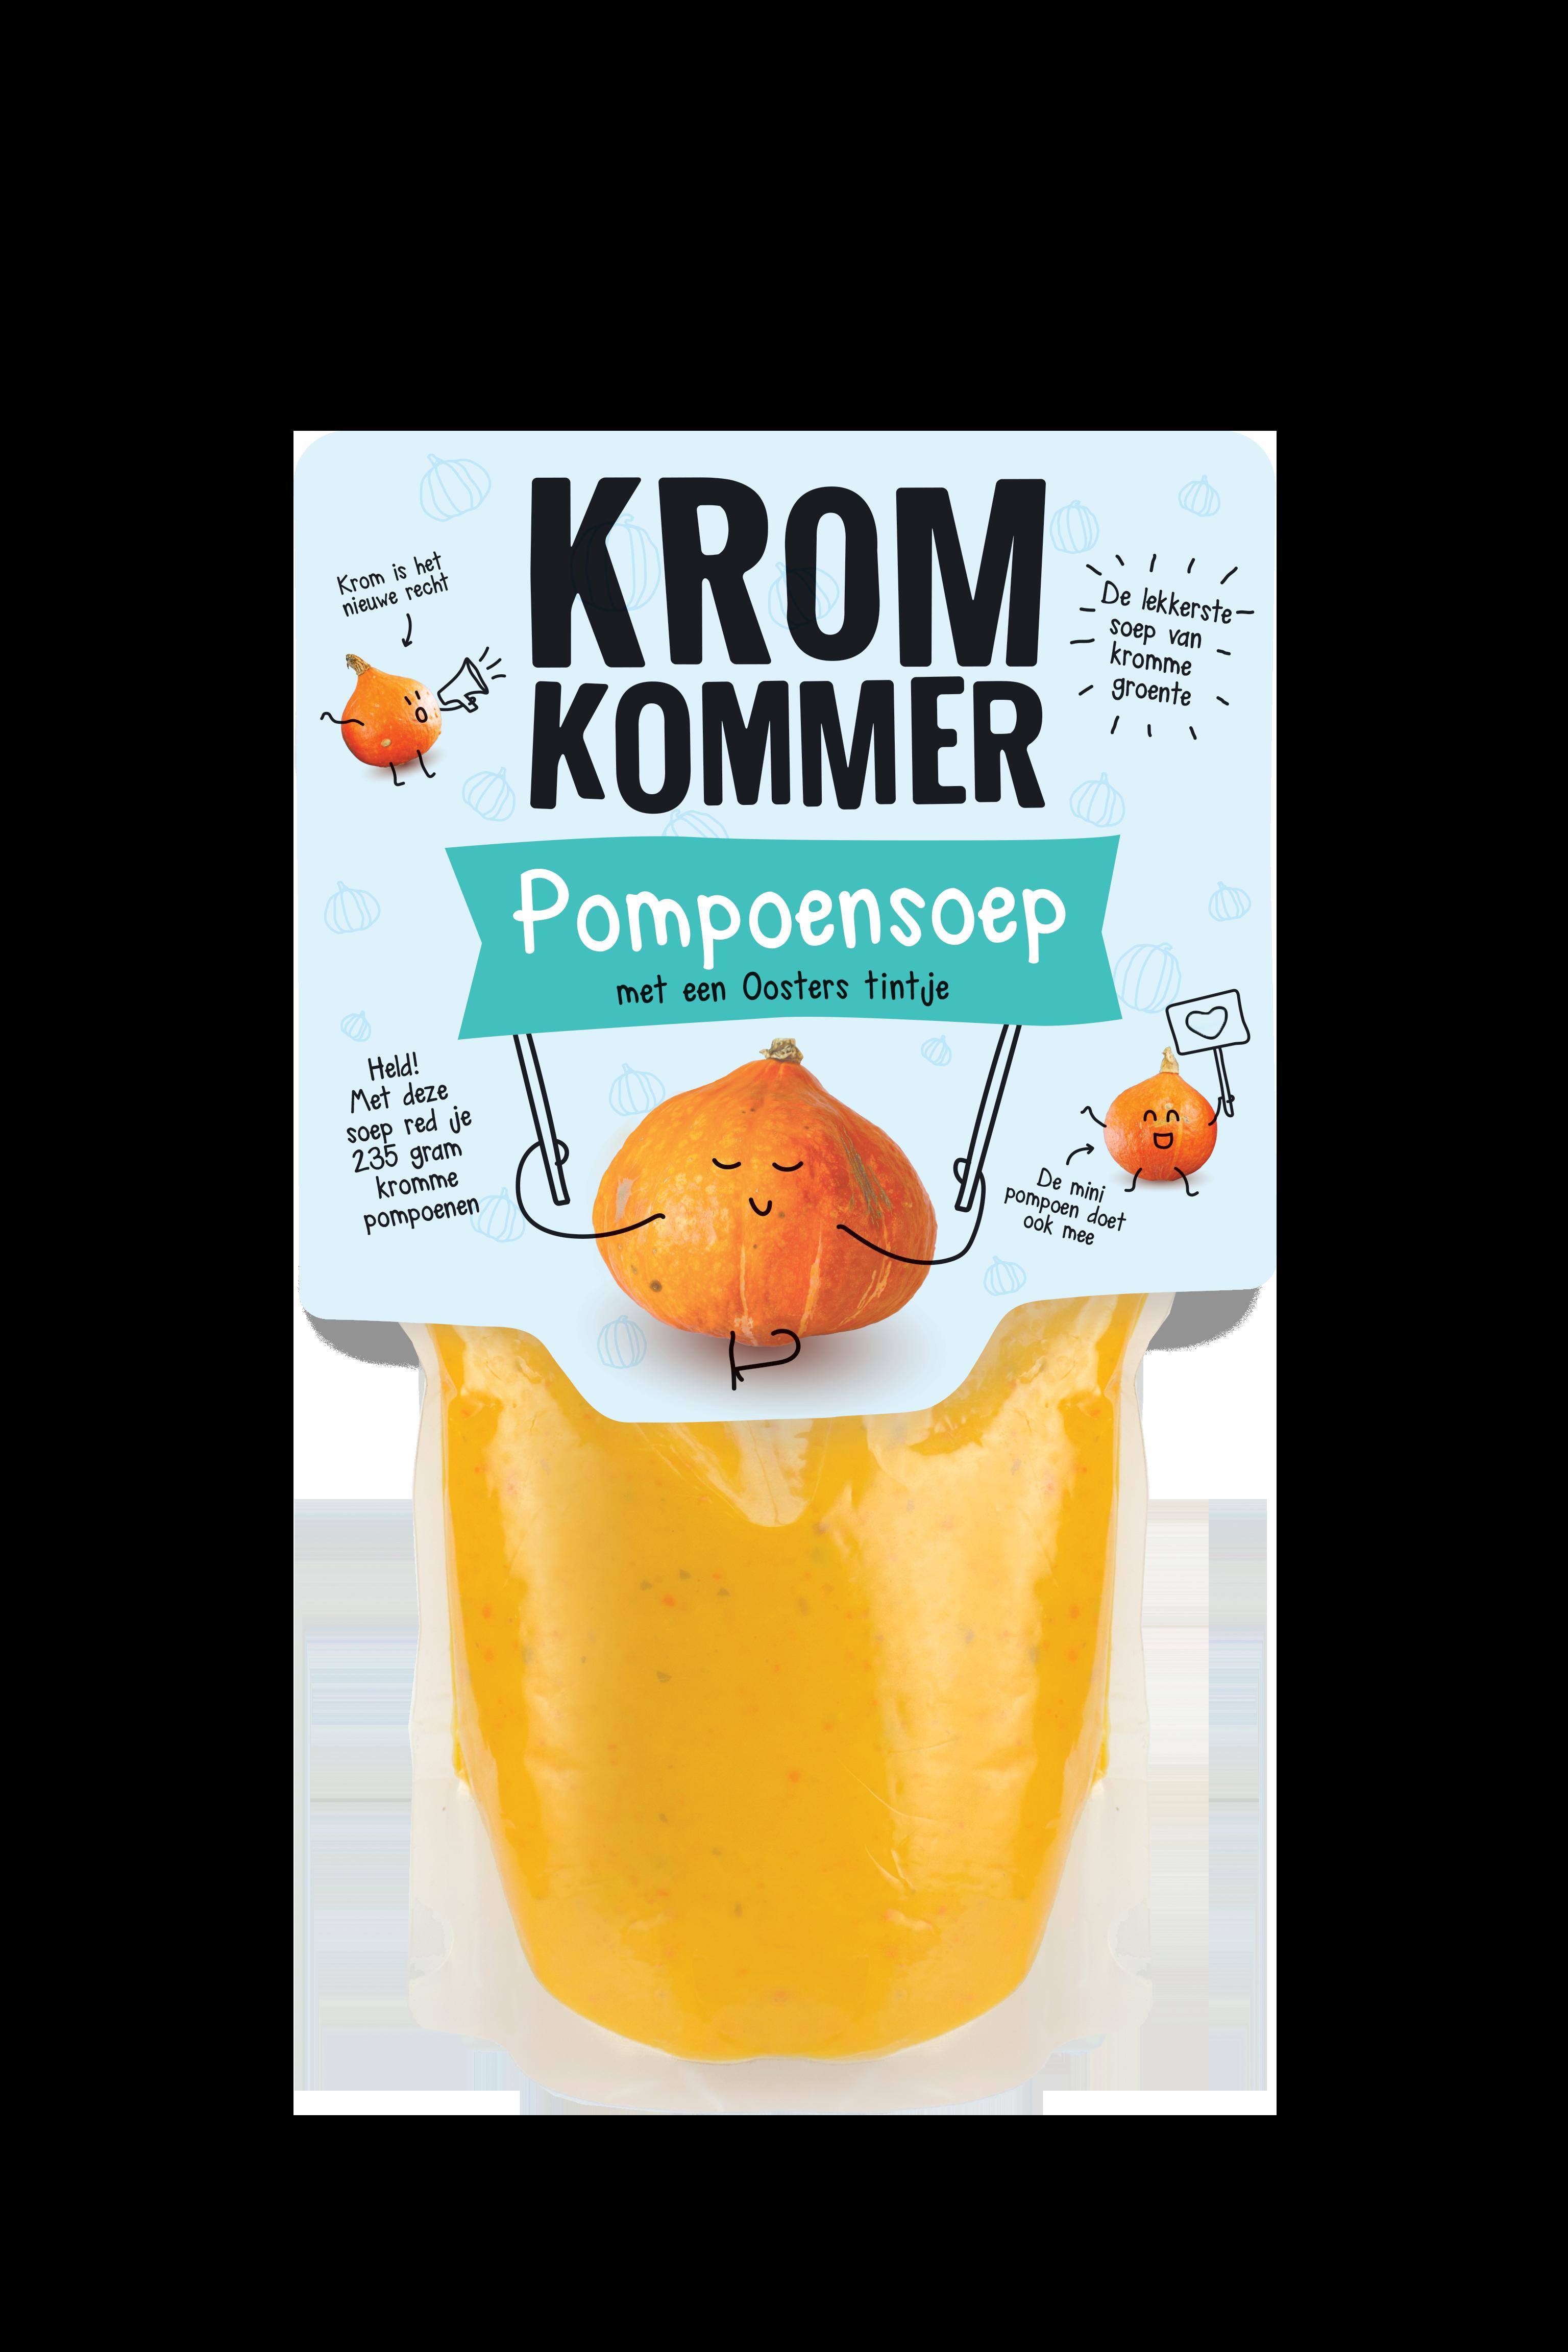 pompoensoep kromkommer